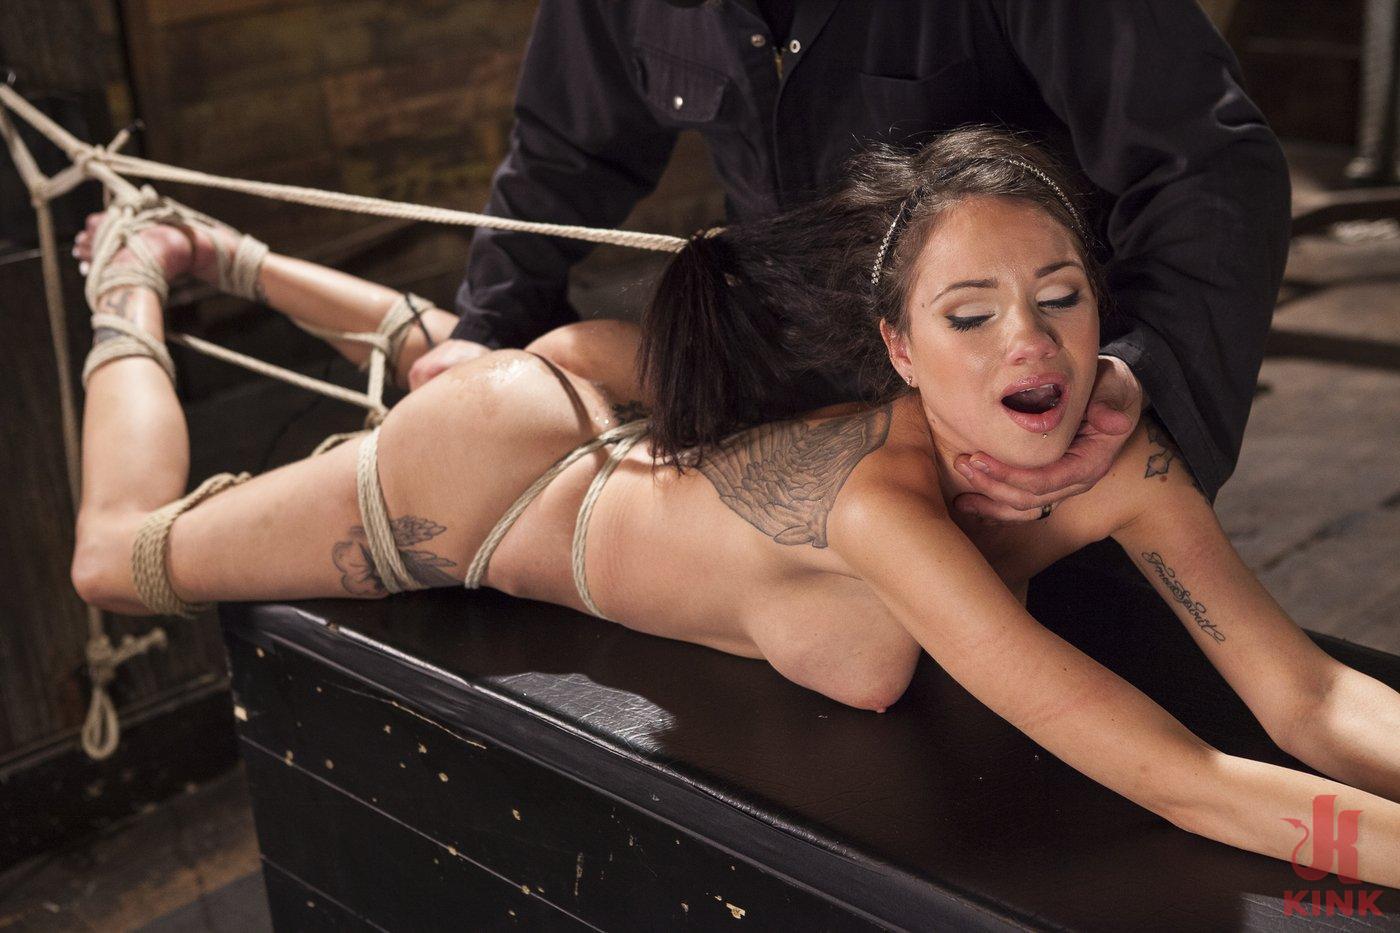 Photo number 11 from Big tit Brunette caught in brutal bondage. shot for Hogtied on Kink.com. Featuring Sgt. Major and Raven Bay in hardcore BDSM & Fetish porn.